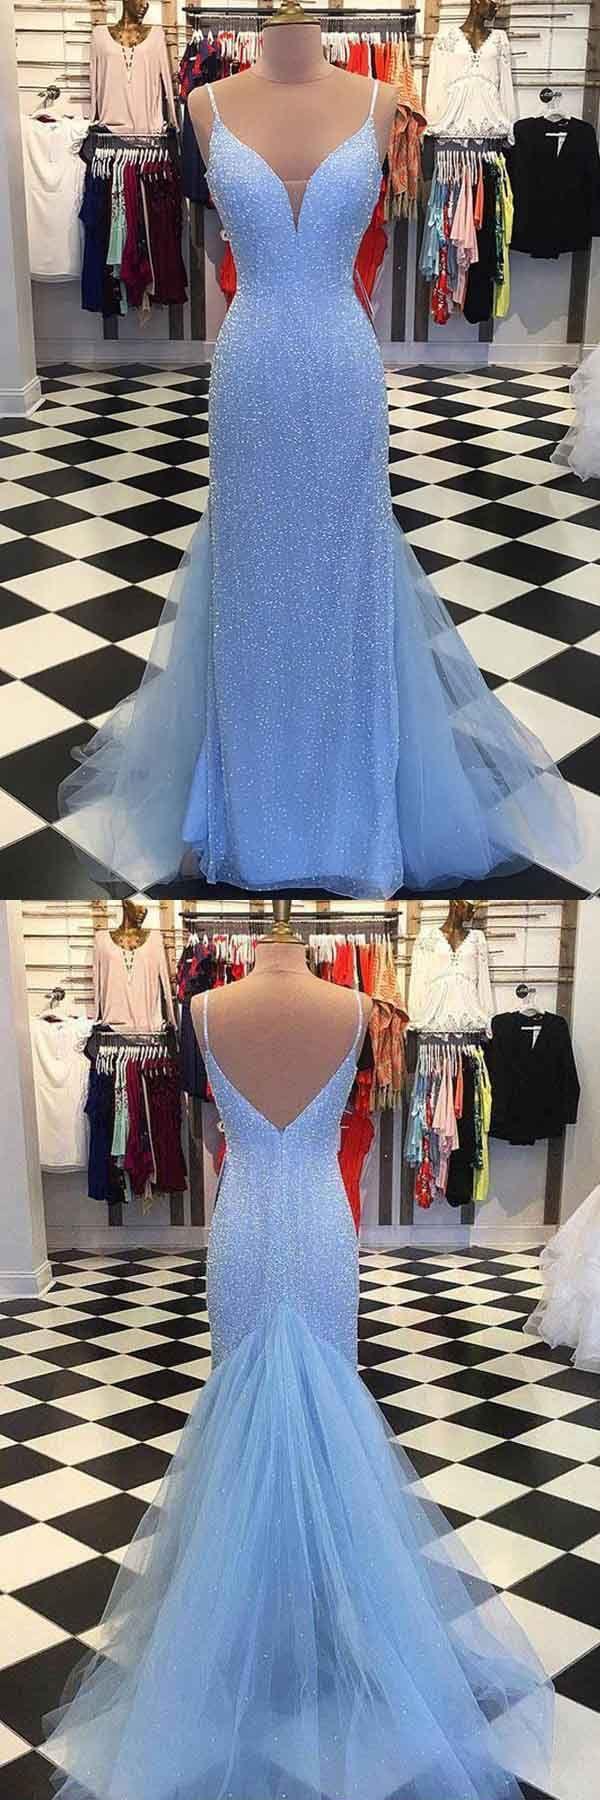 Straps light blue mermaid prom dresses beaded backless formal